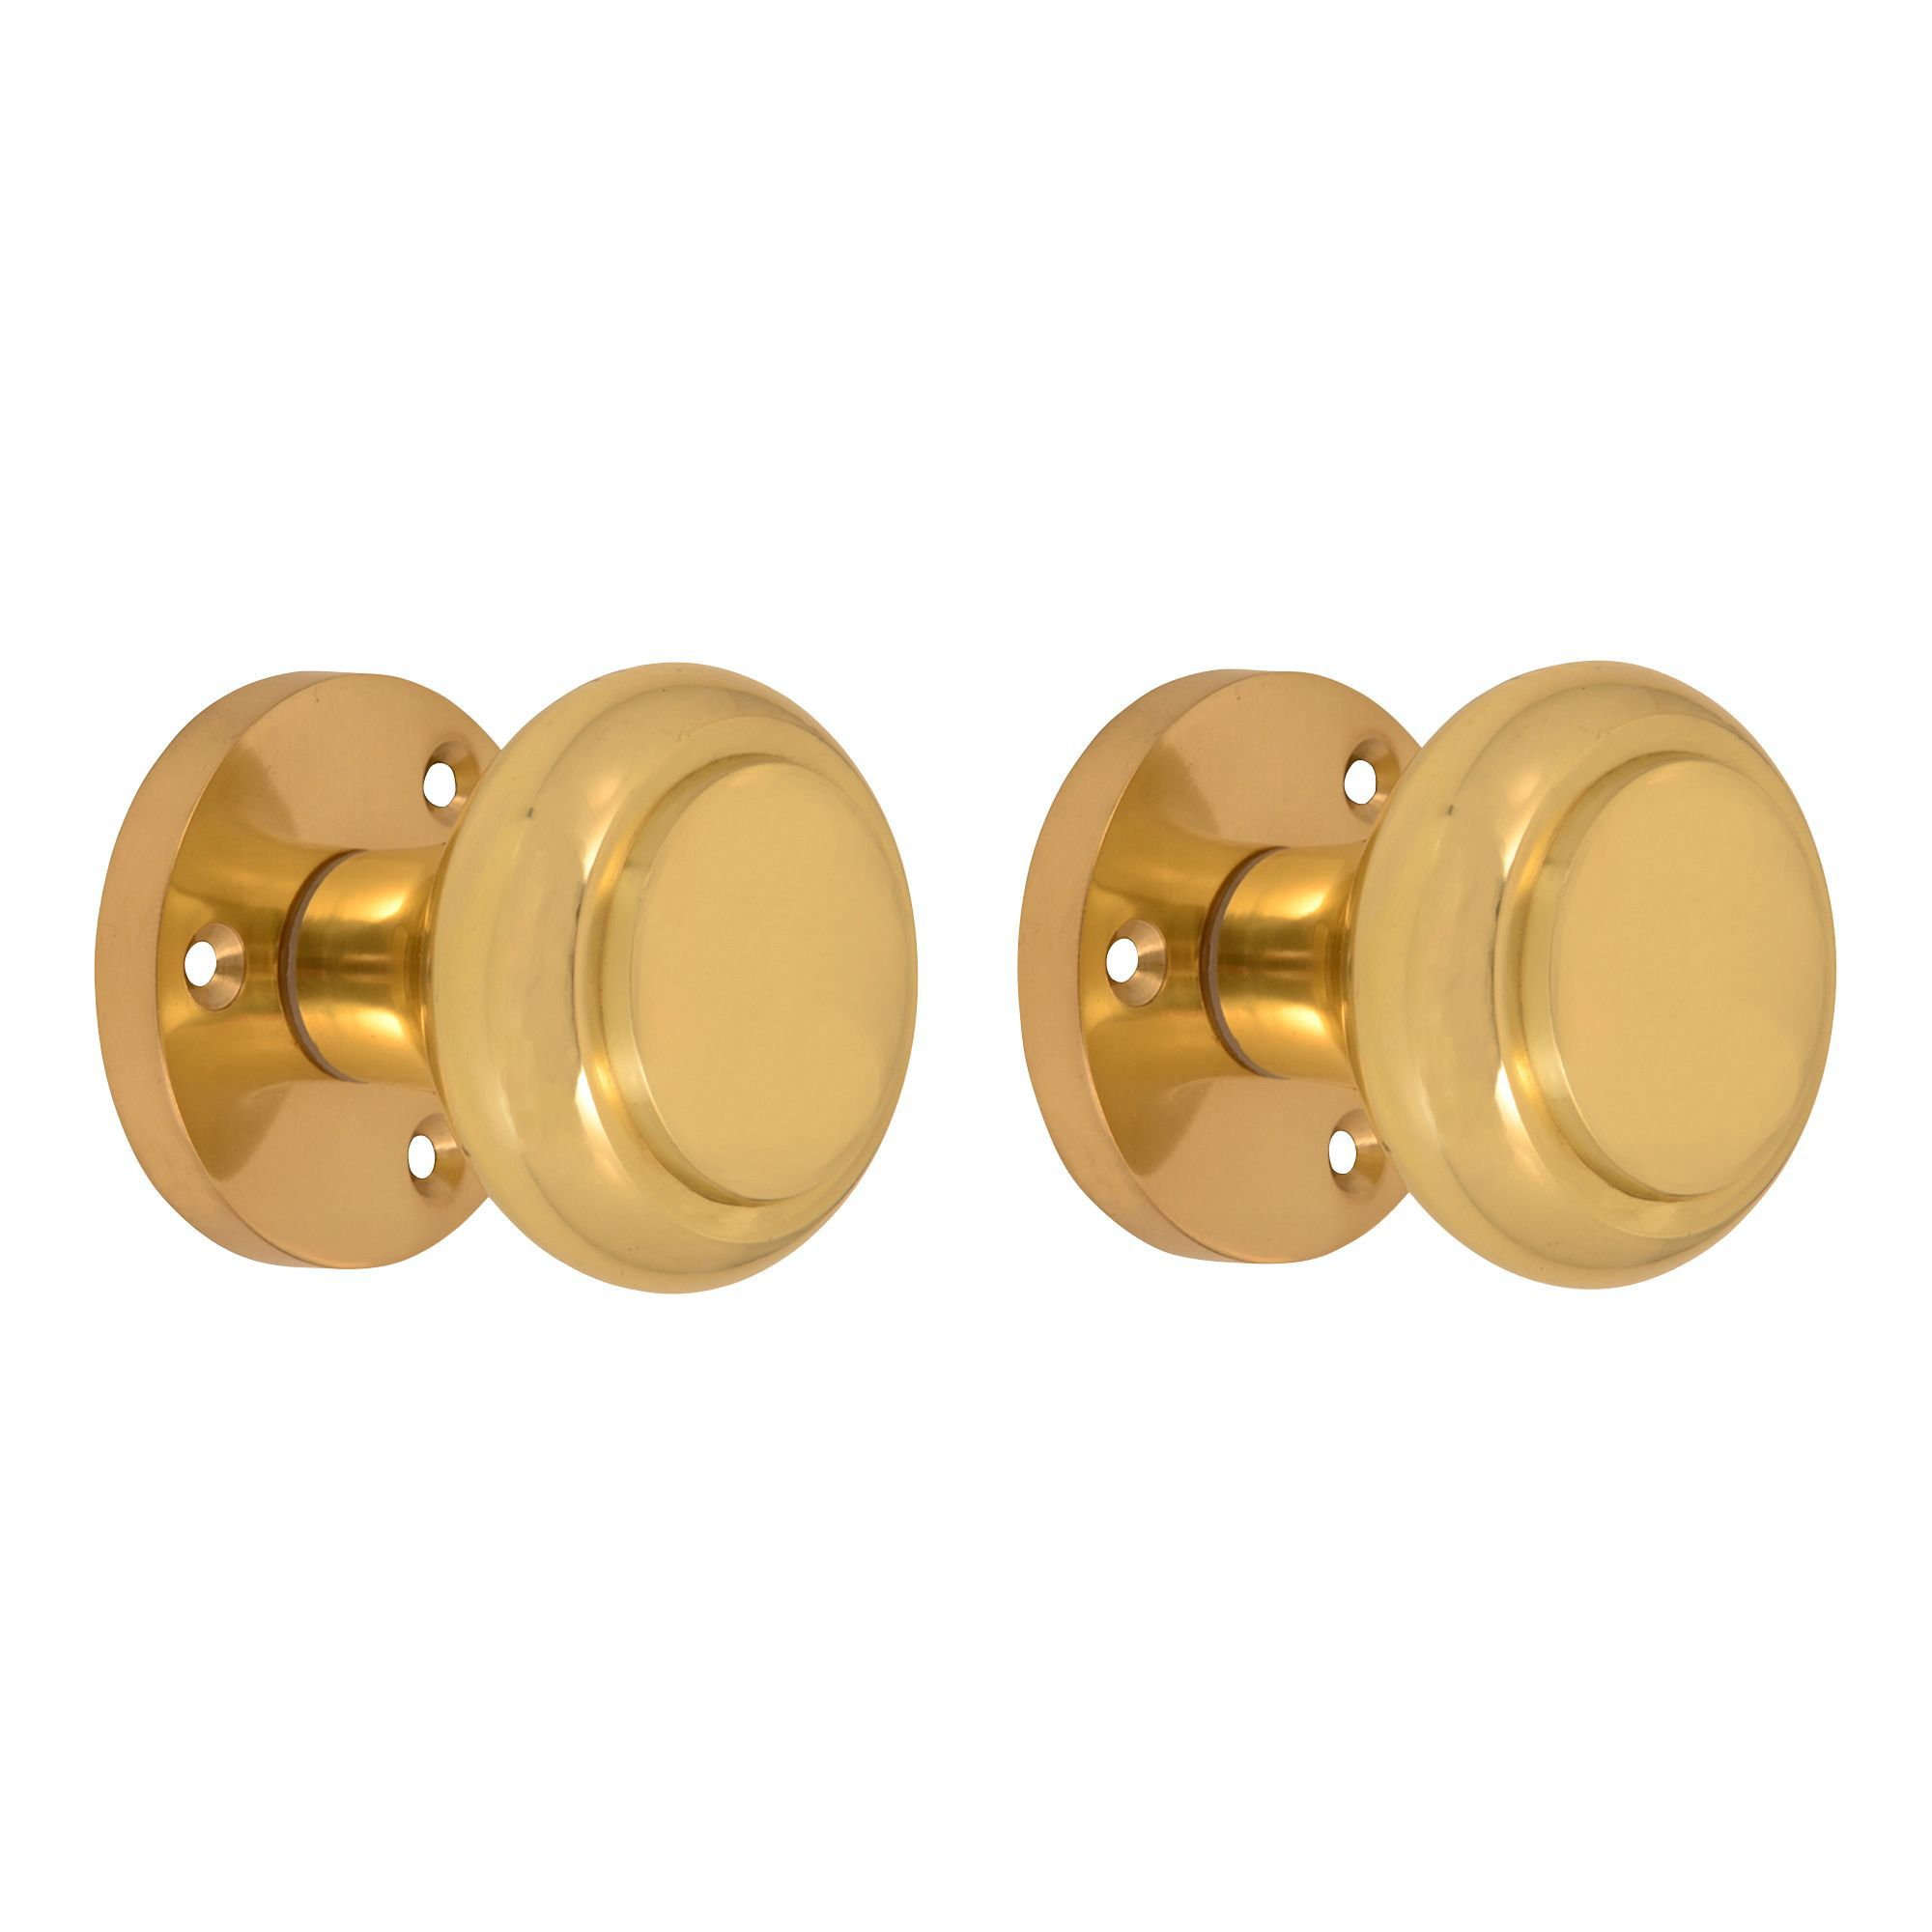 Polished Brass Effect Internal Round Latch Door Knob 1 Set